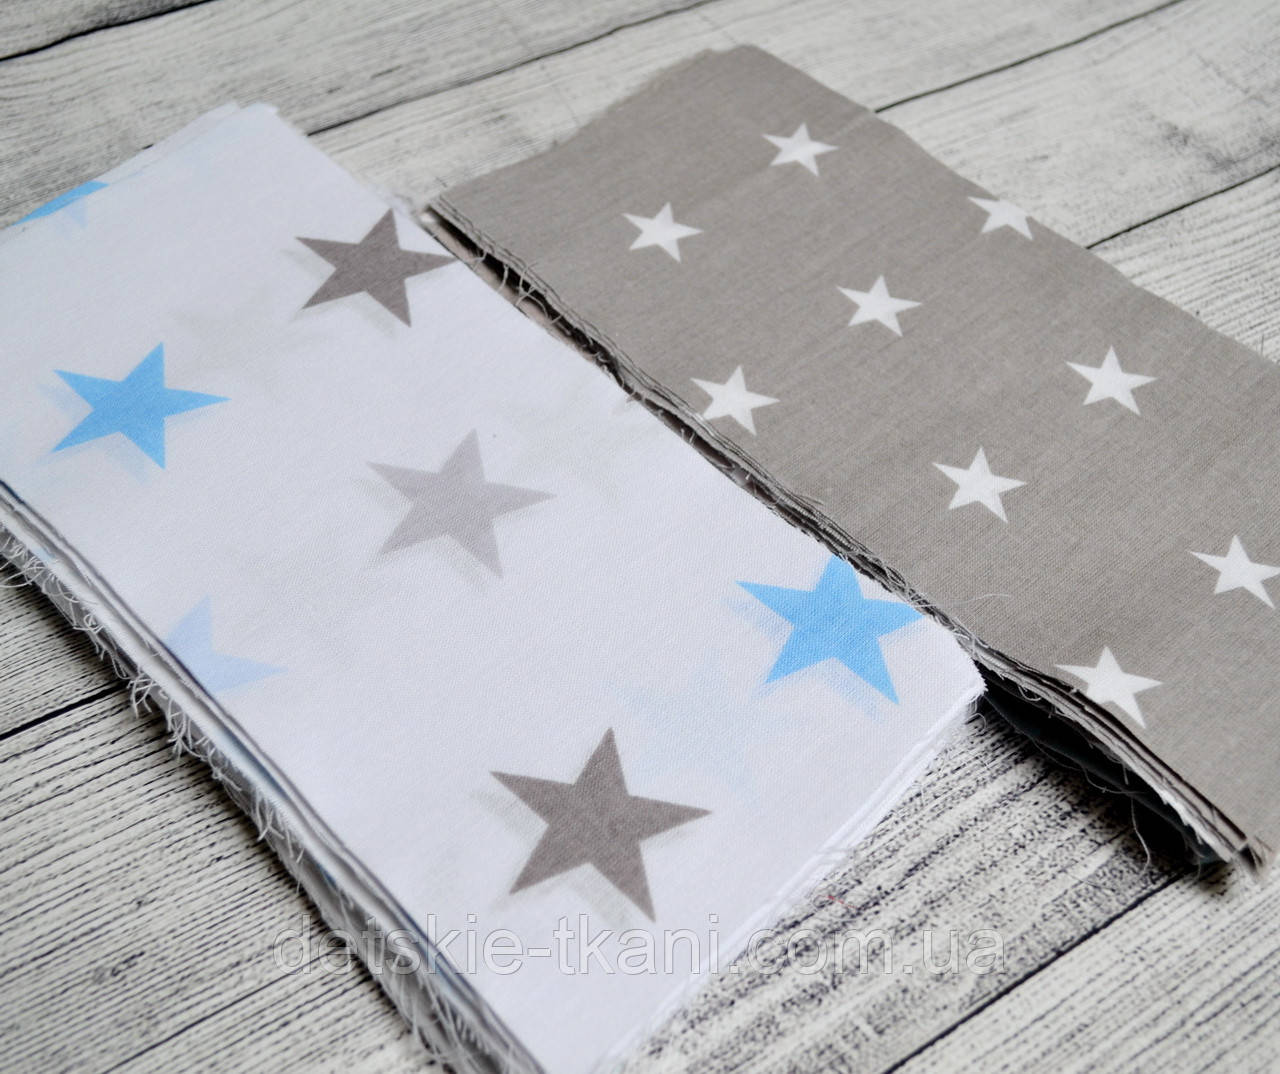 Набор тканей для рукоделия со звёздами голубыми и серыми №61